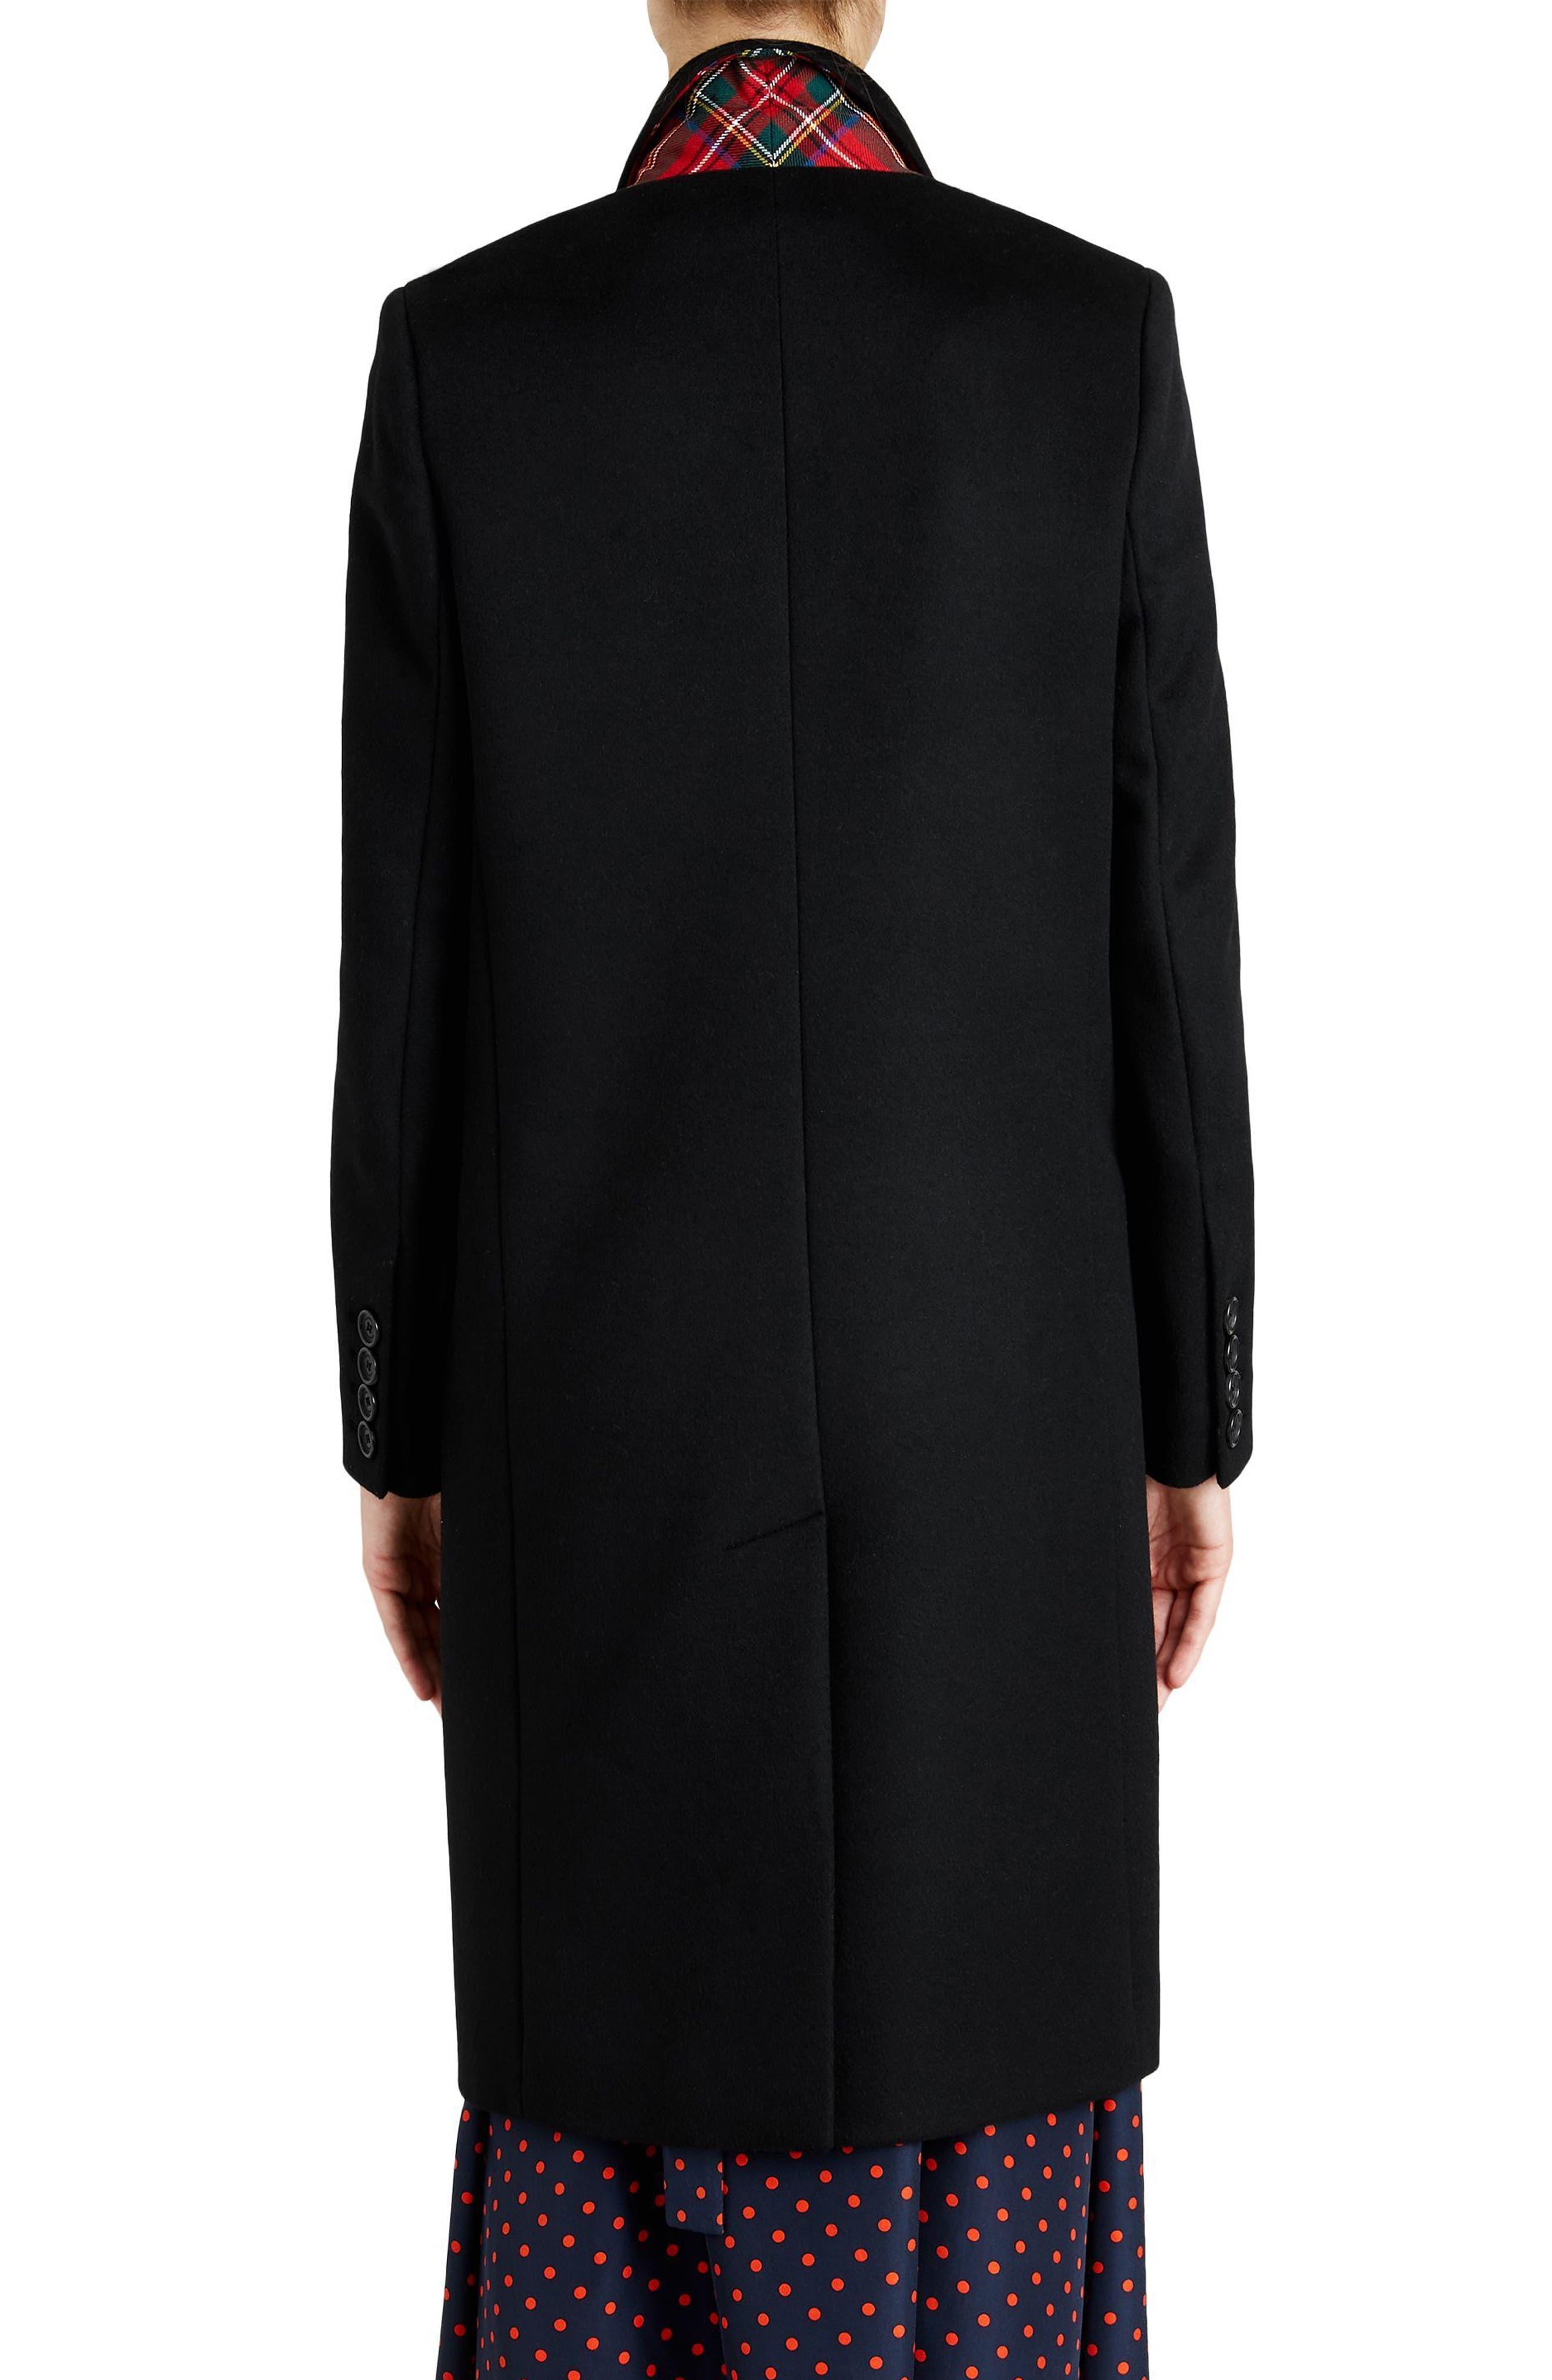 Fellhurst Wool & Cashmere Coat,                             Alternate thumbnail 2, color,                             001